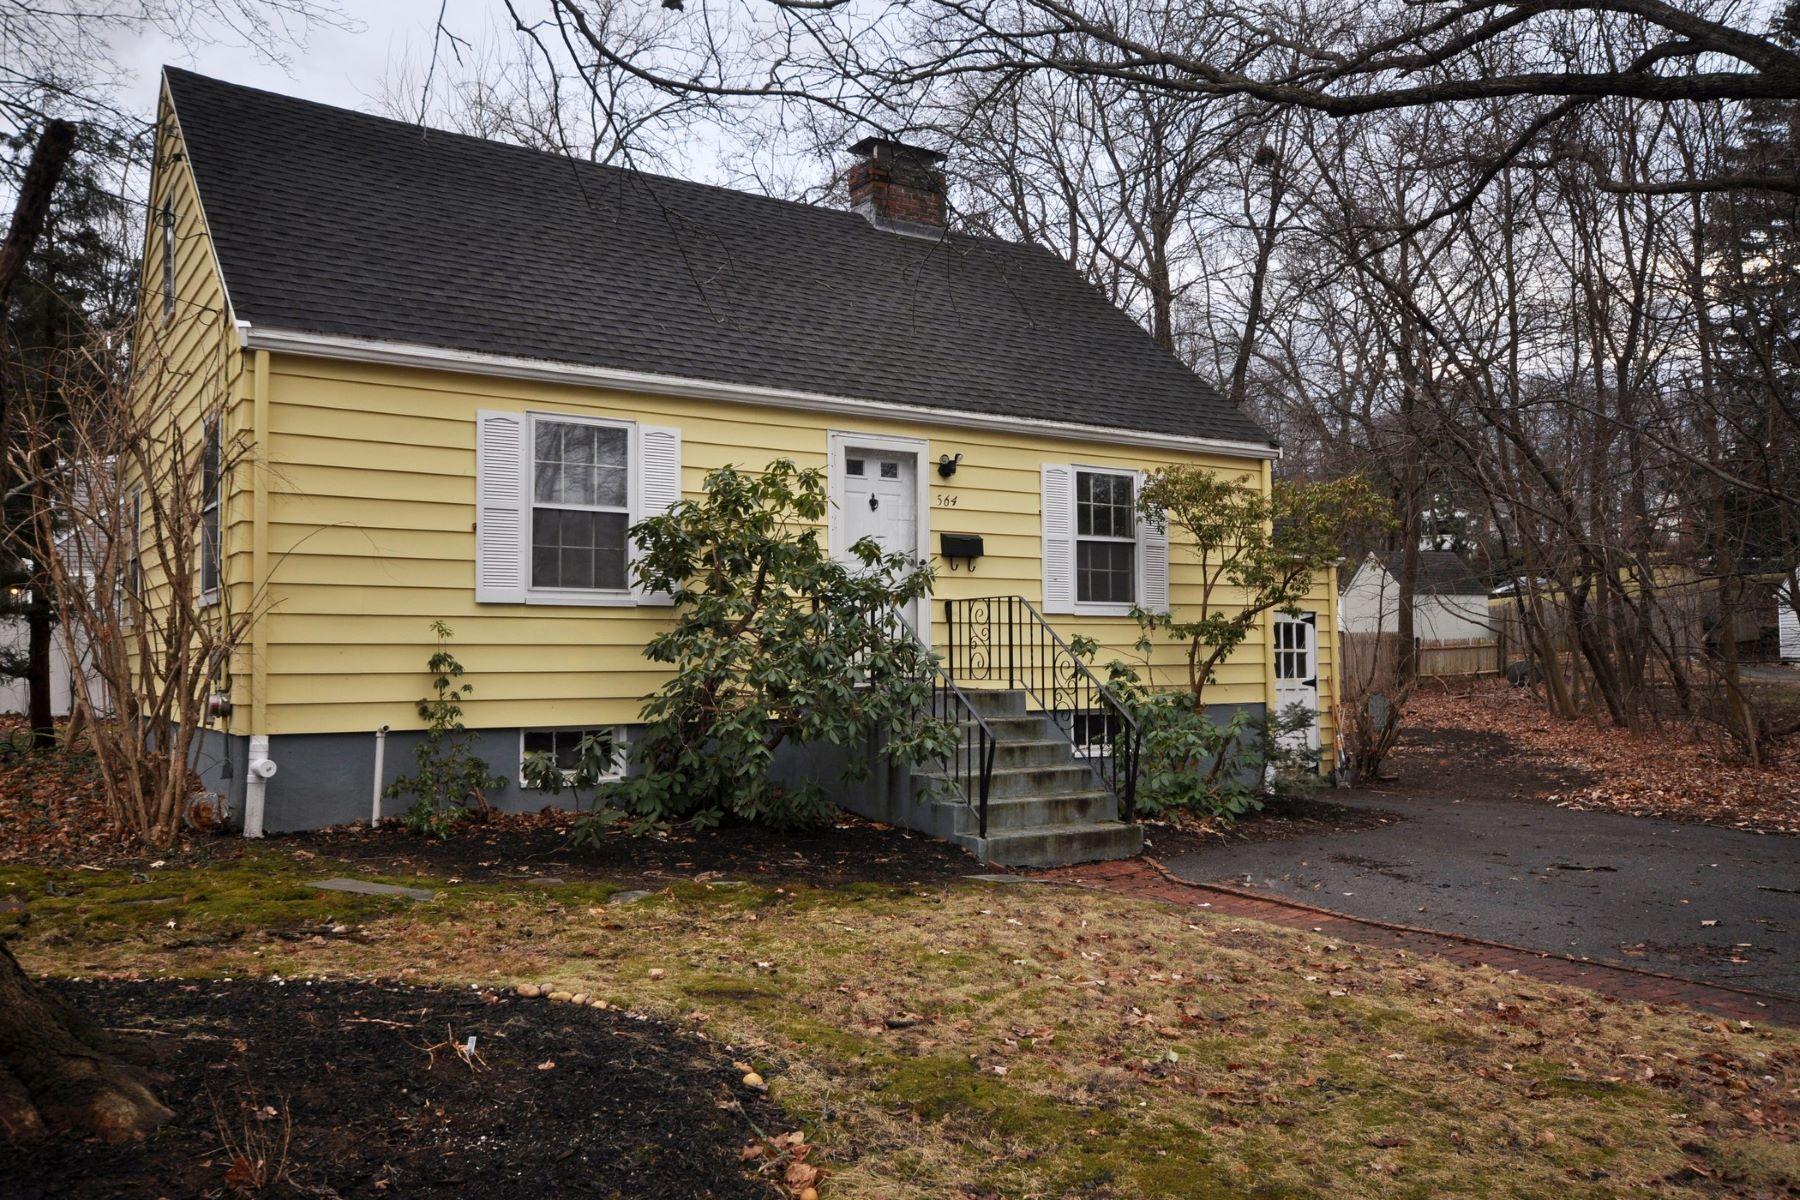 Single Family Home for Active at 564 Appleton Street, Arlington 564 Appleton St Arlington, Massachusetts 02476 United States